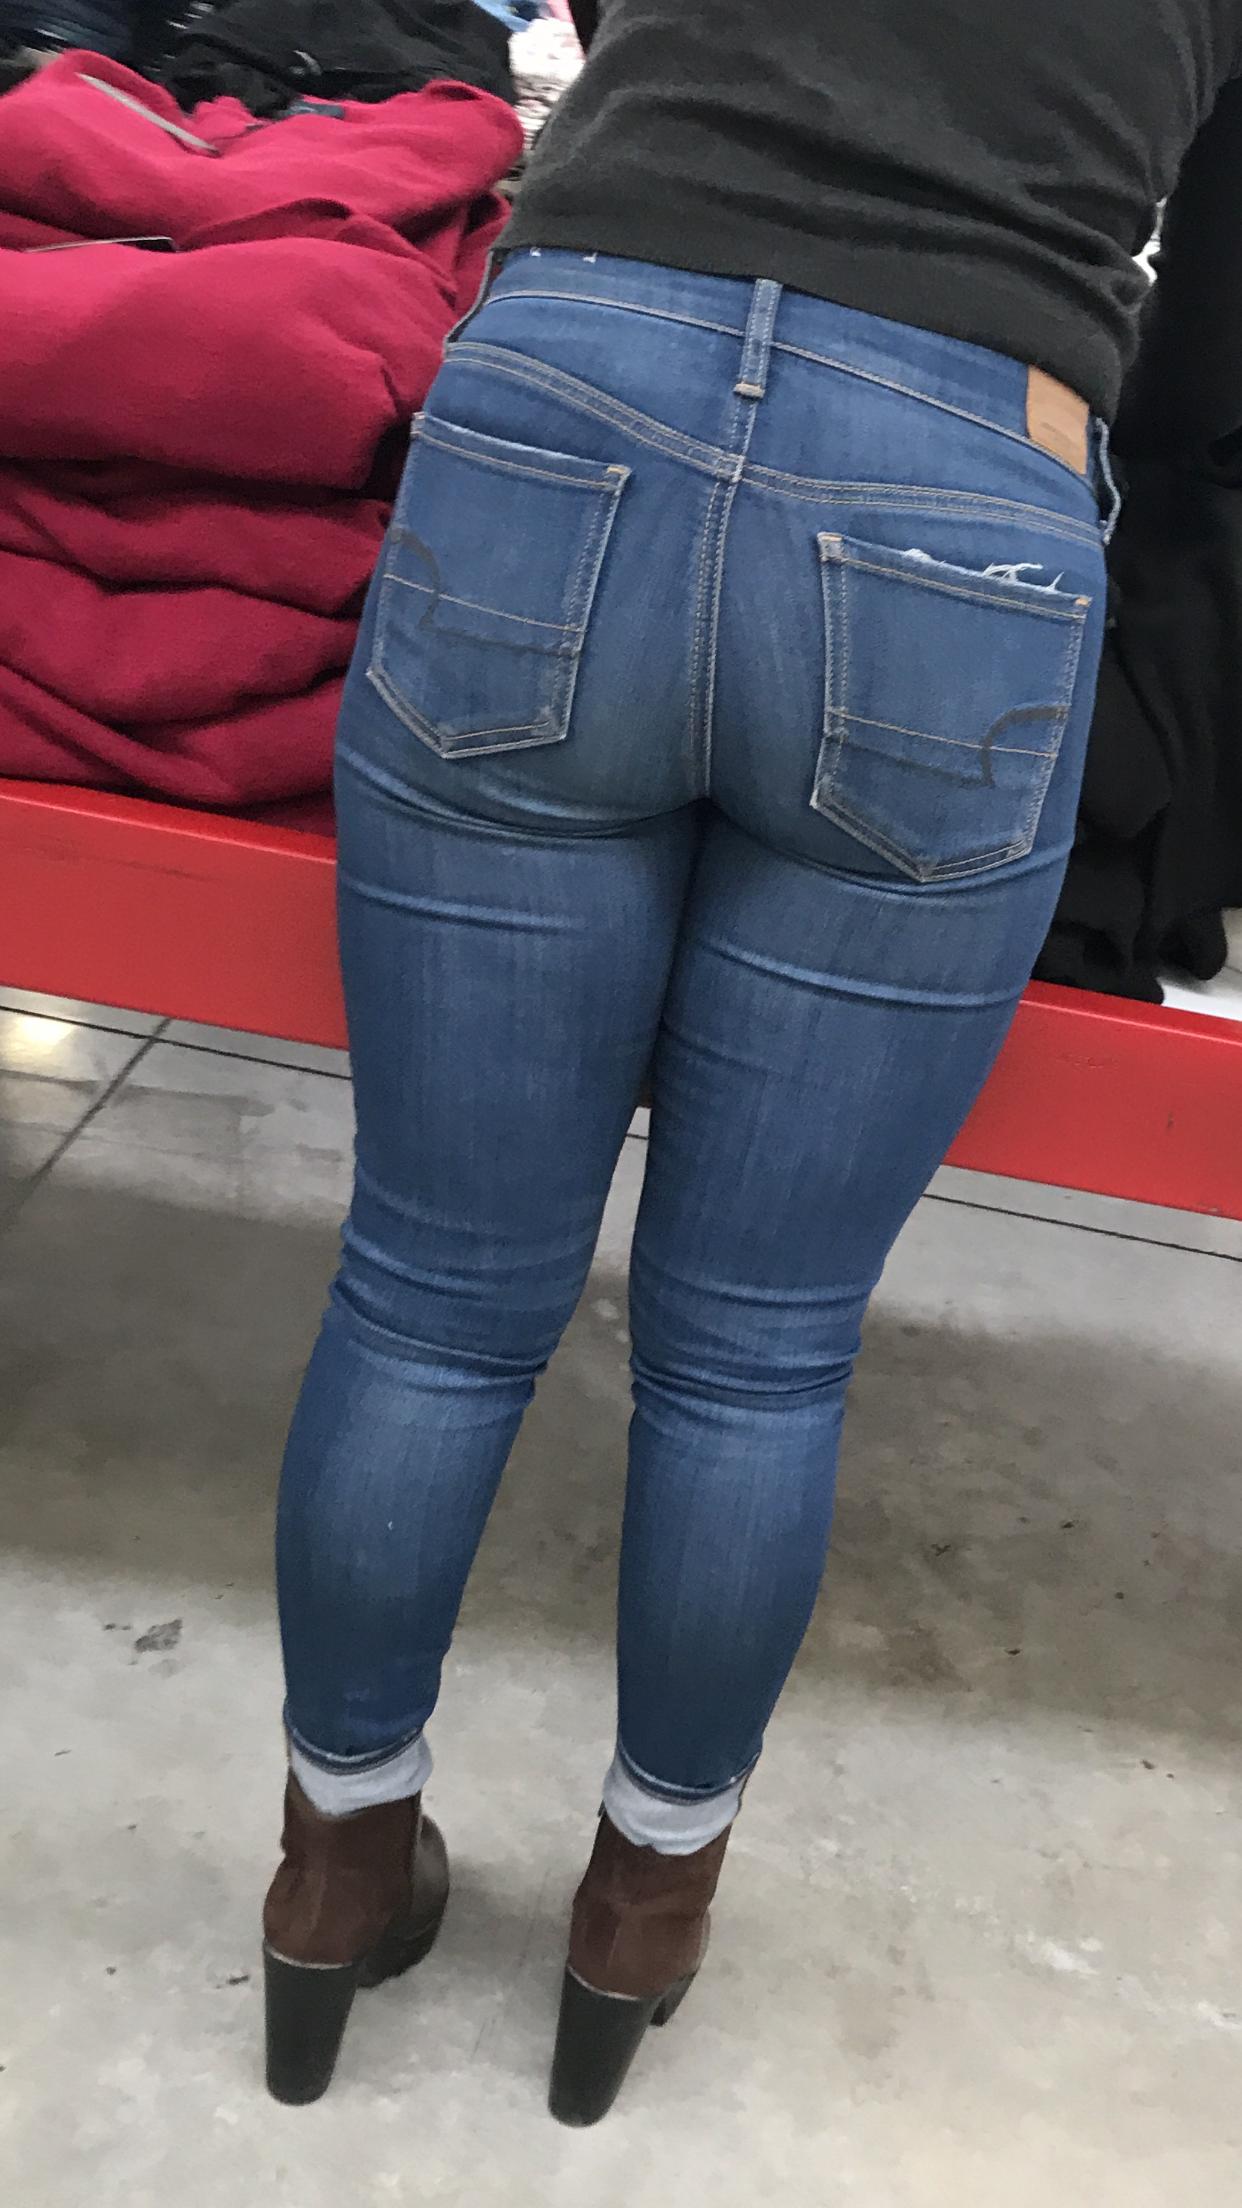 d9f81ac4abf6 Pin di ambra gratti su jeans nel 2019